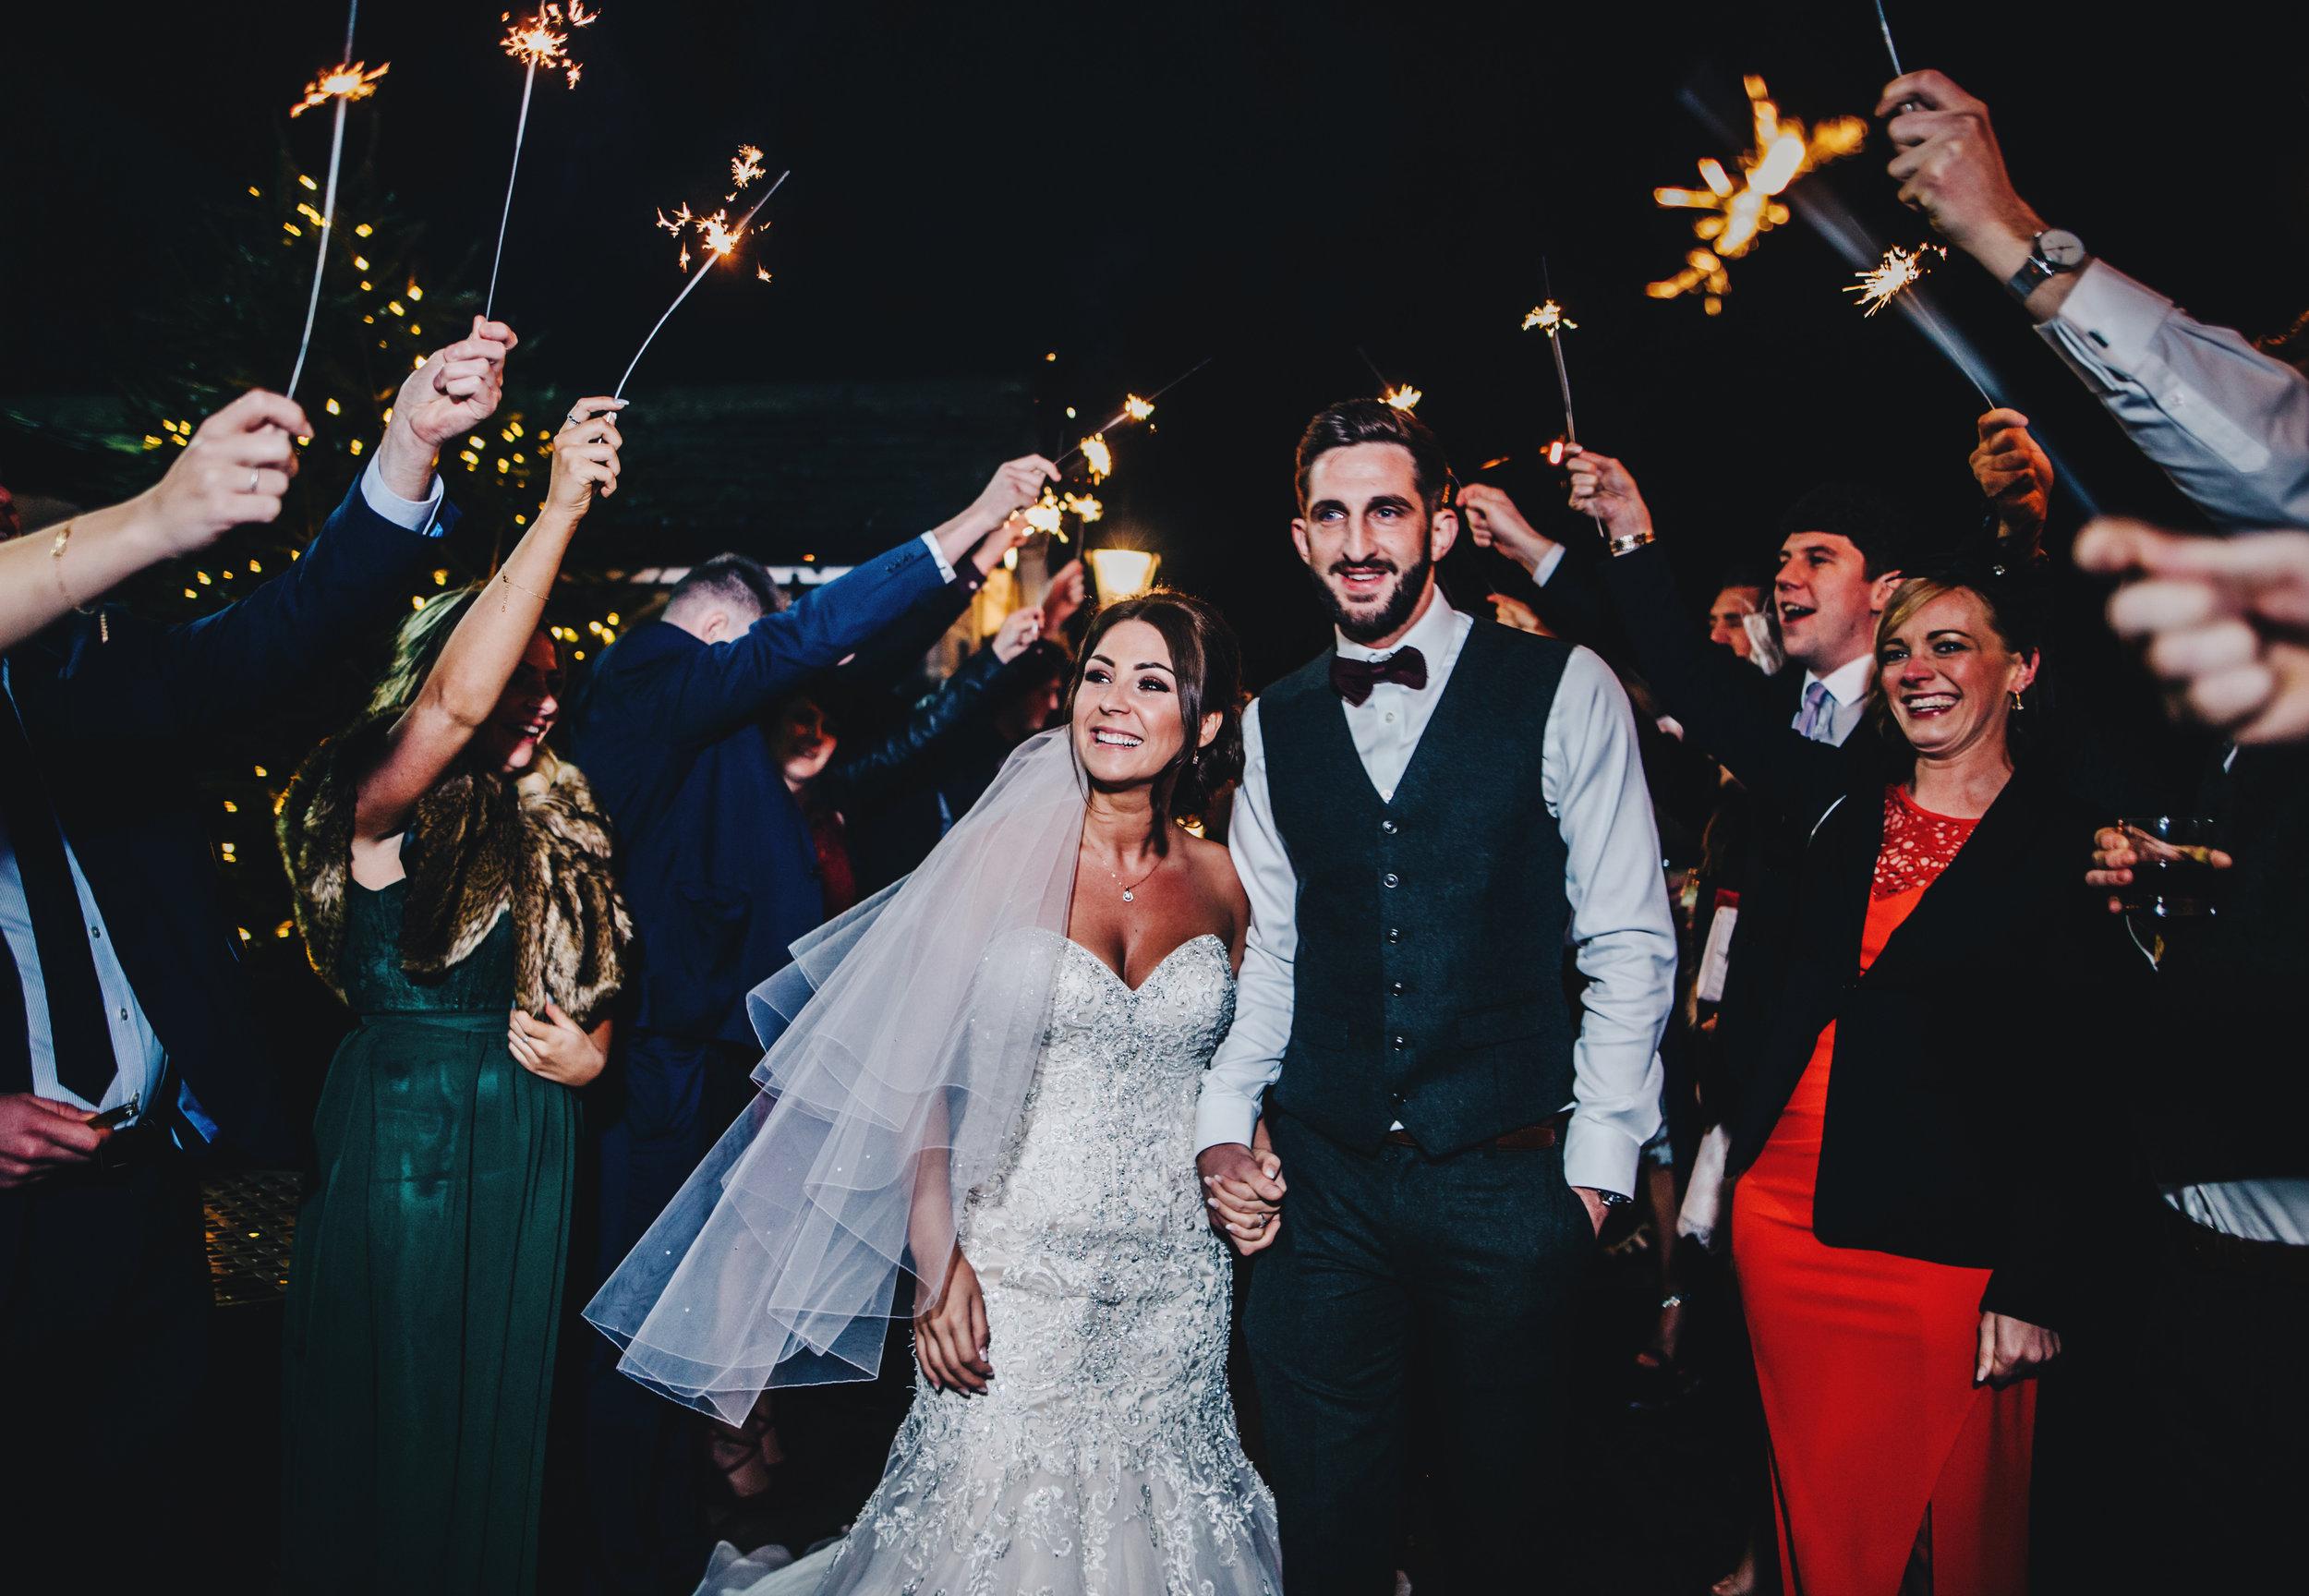 winter wedding sparklers